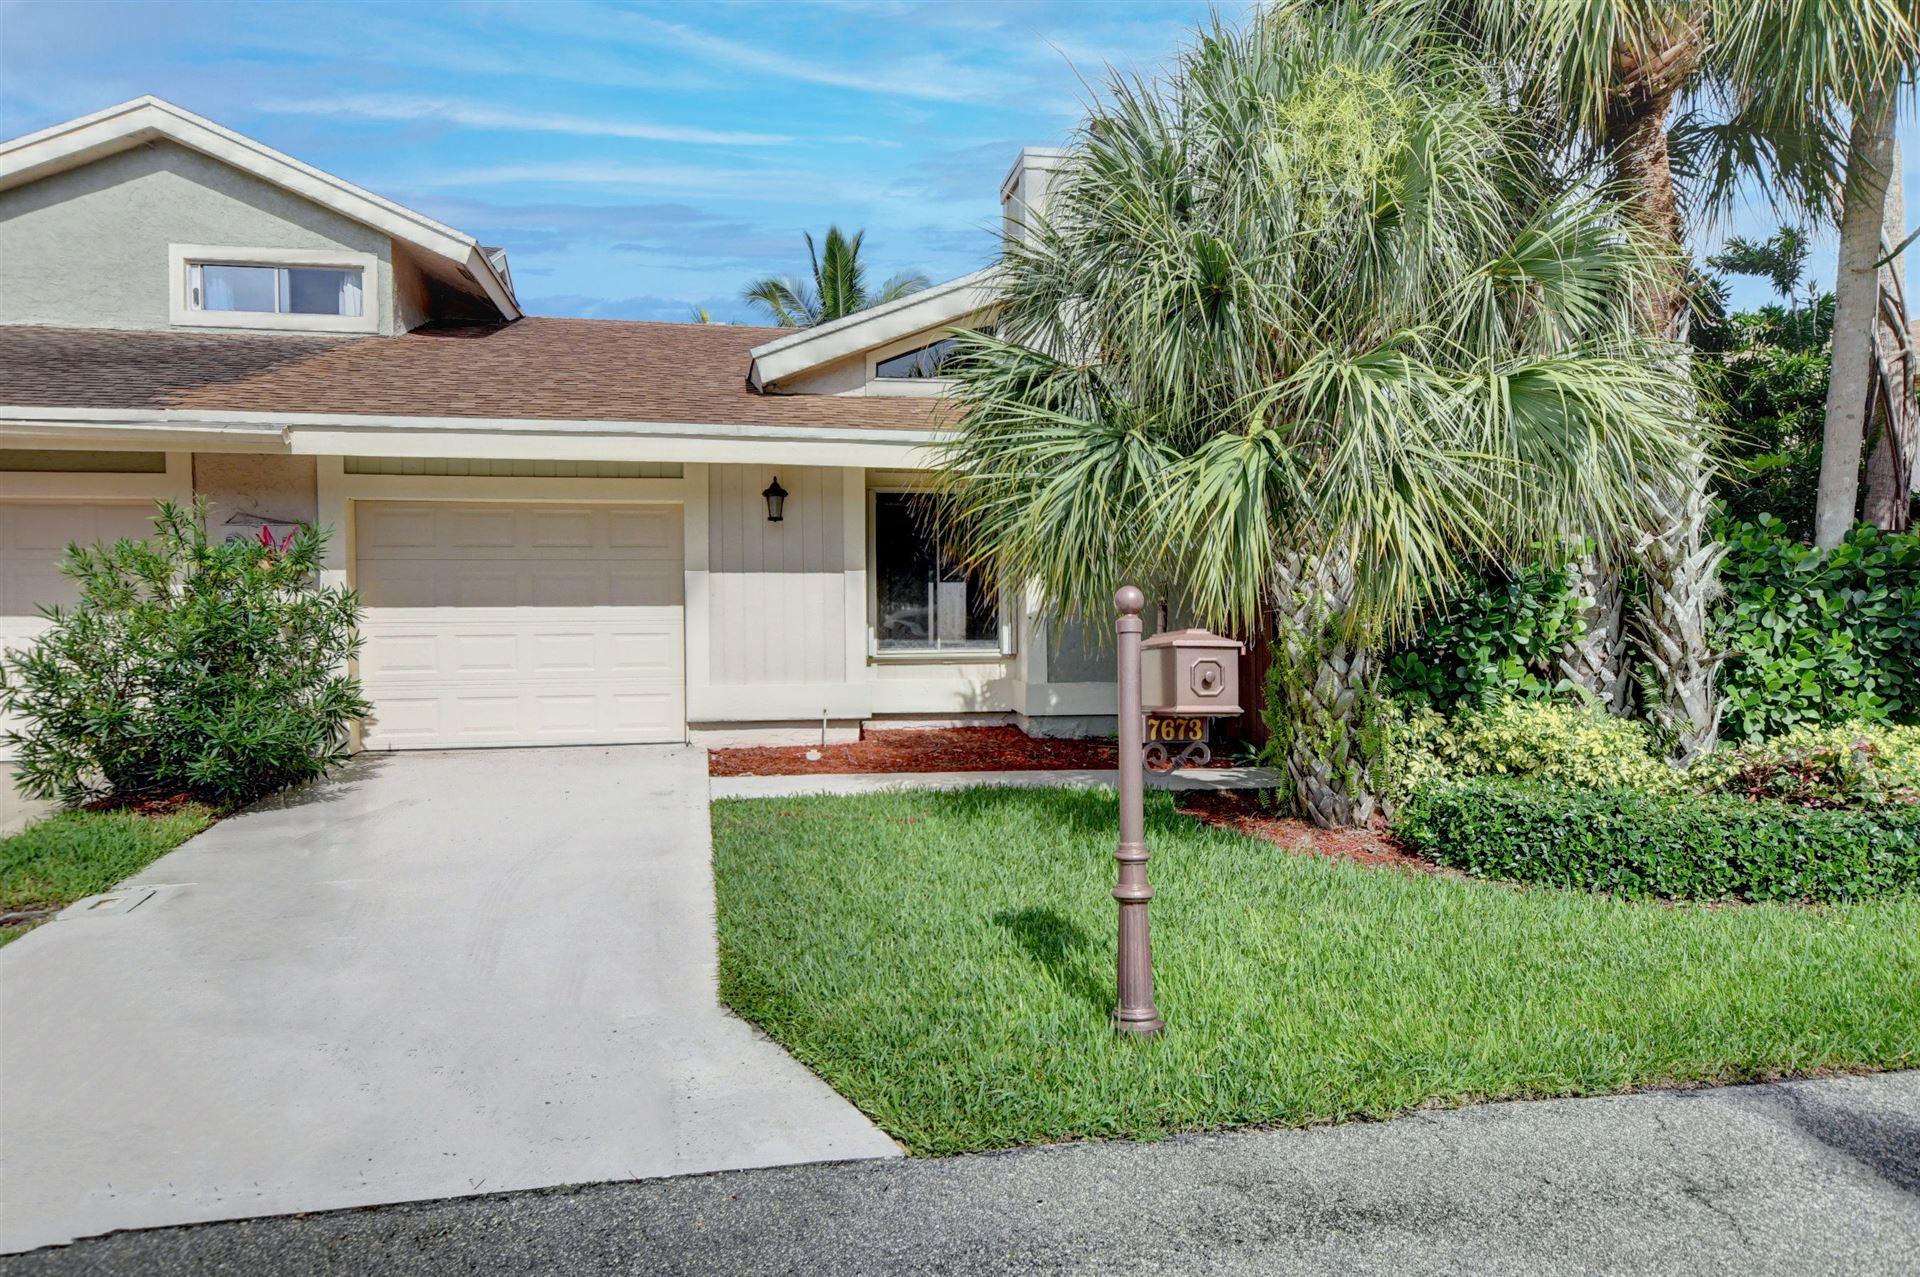 7673 Sierra Terrace W, Boca Raton, FL 33433 - #: RX-10727143